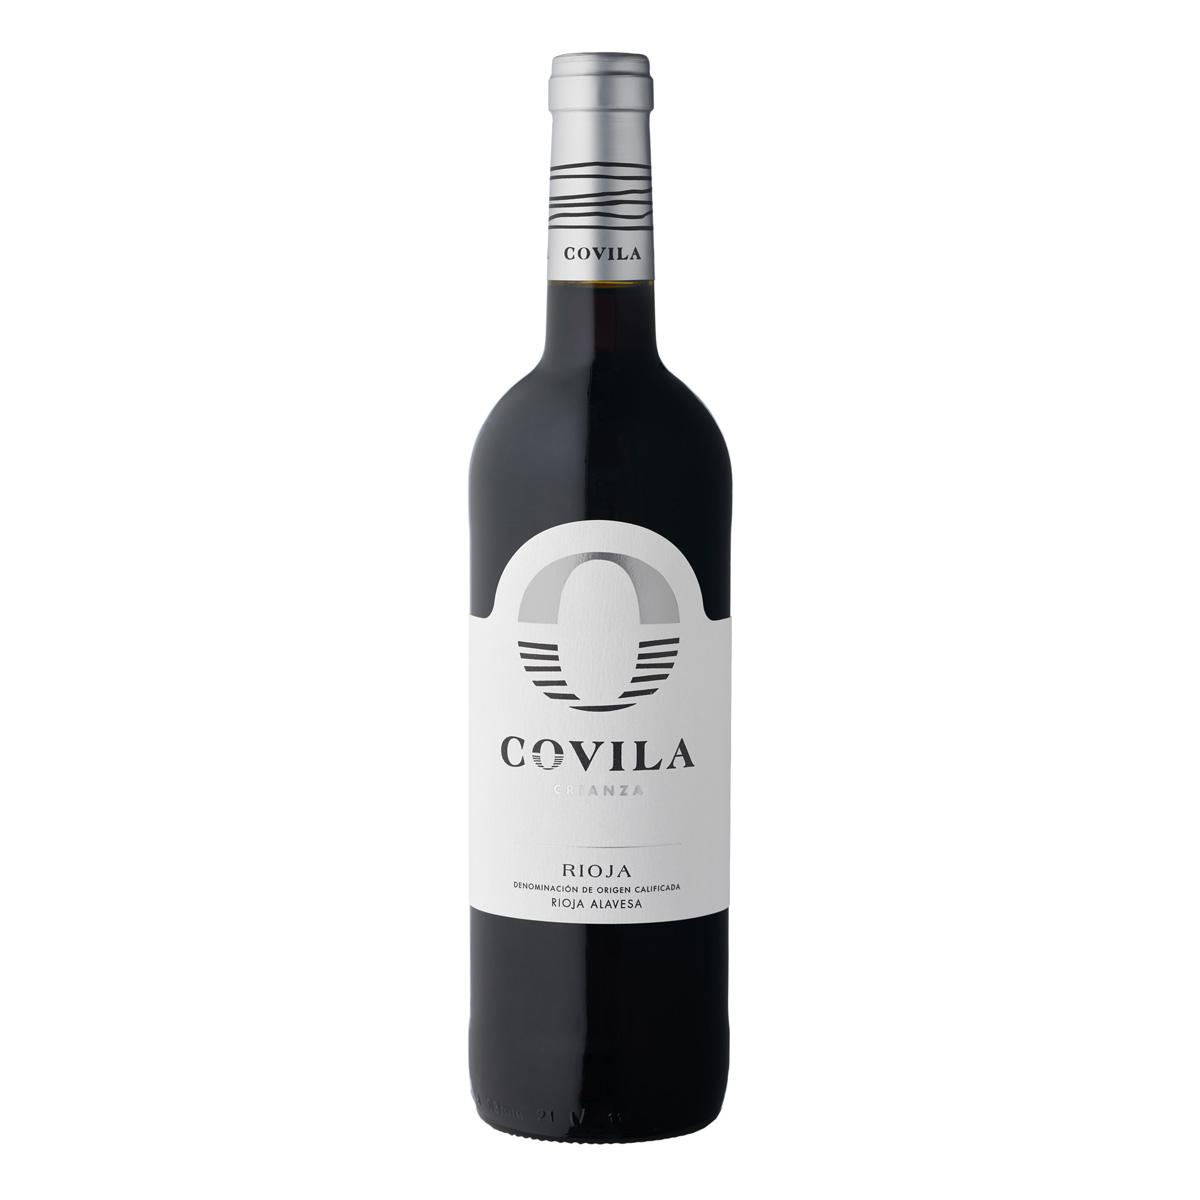 西班牙里奥哈Covila 陈酿红酒